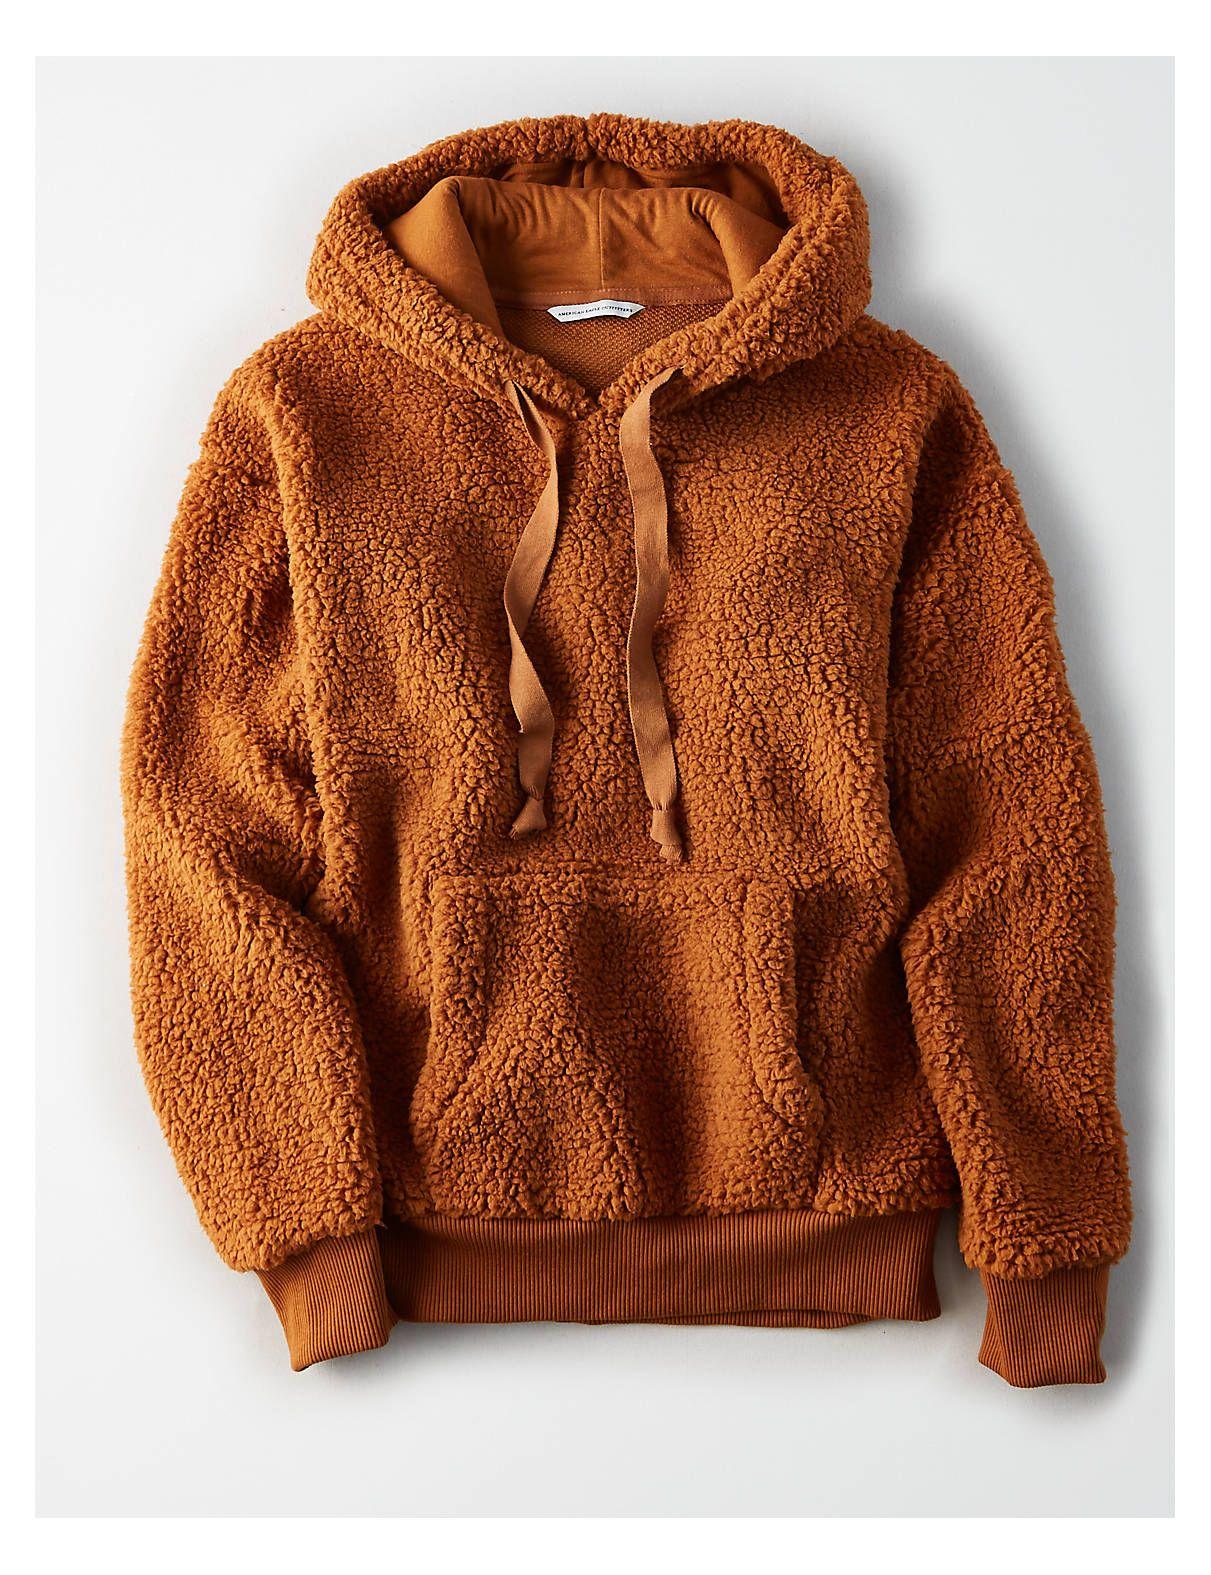 Hoodies & Sweatshirts : Mens Clothing, Womens Clothing